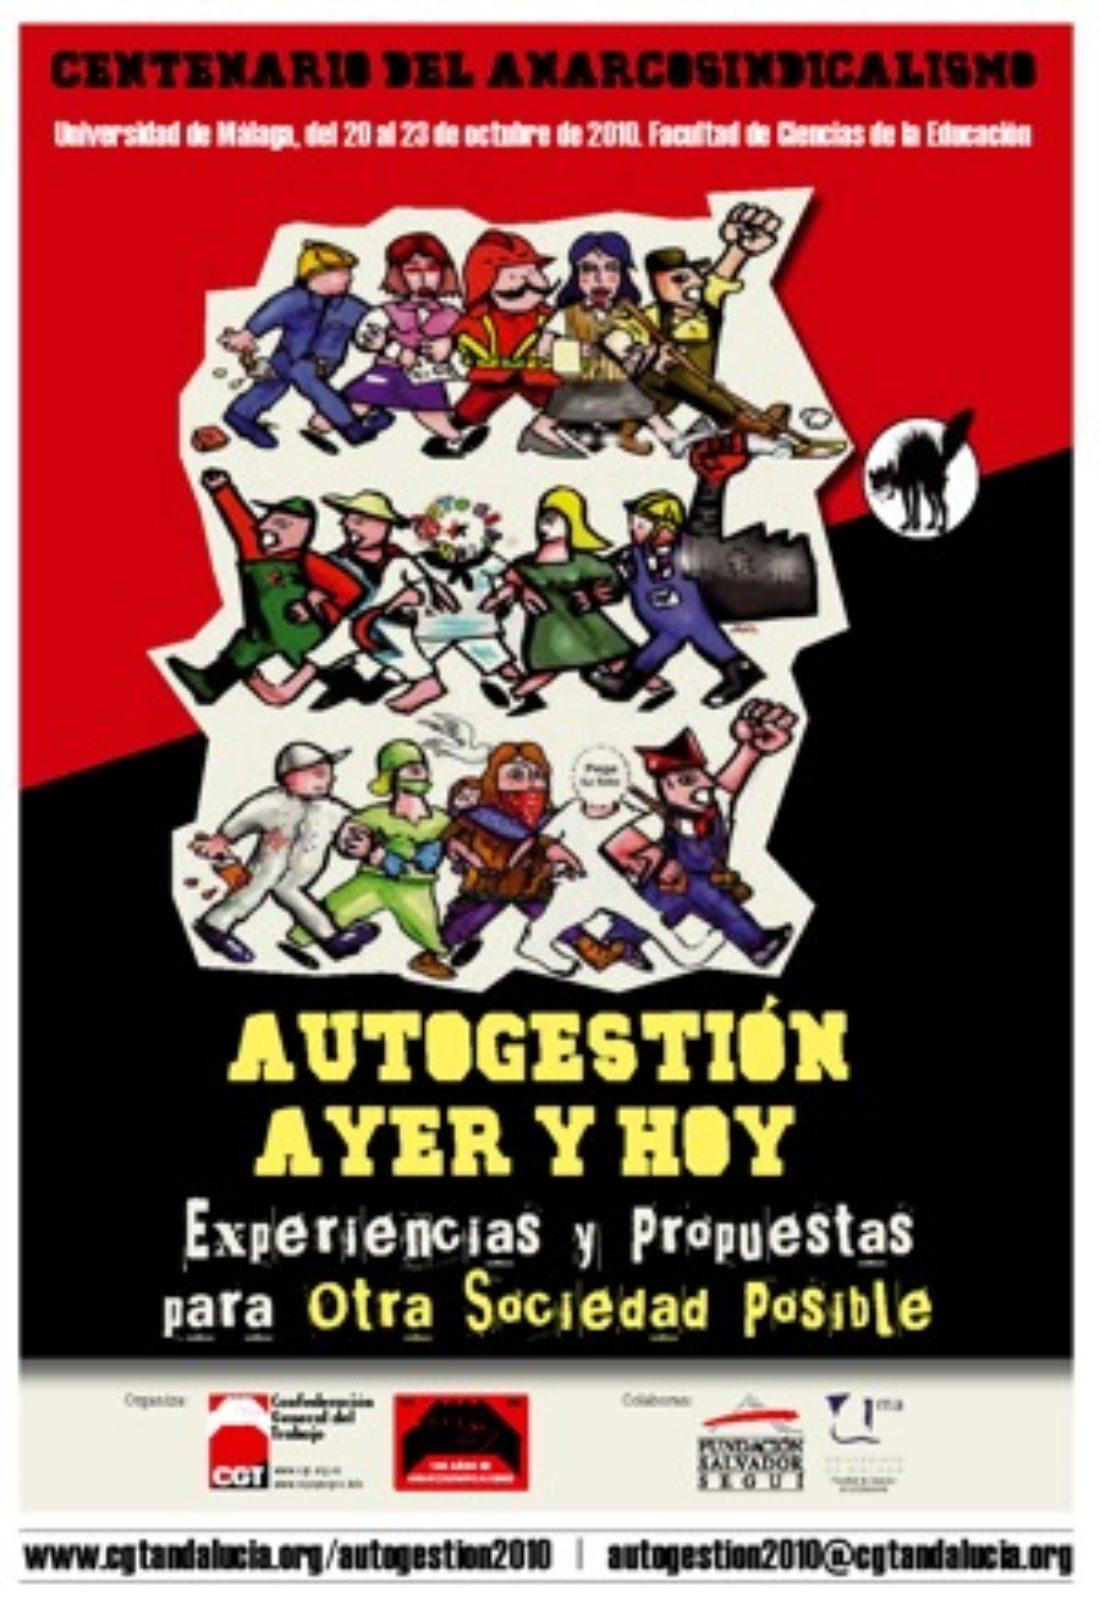 «Autogestión Ayer y Hoy» – Centenario del Anarcosindicalismo